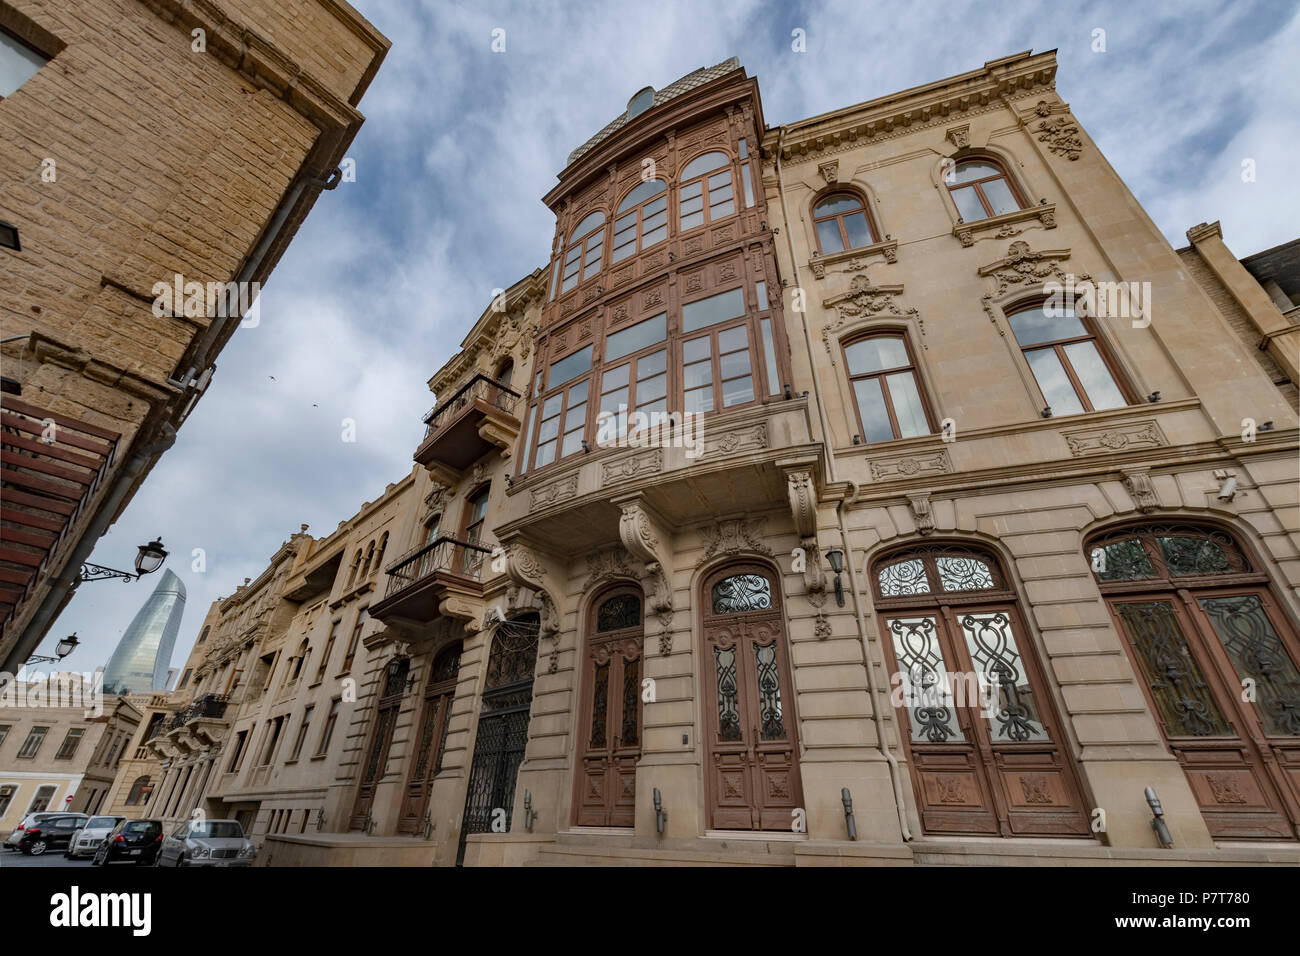 Elegant buildings and The Flame Towers  in Baku,Azerbaijan - Stock Image